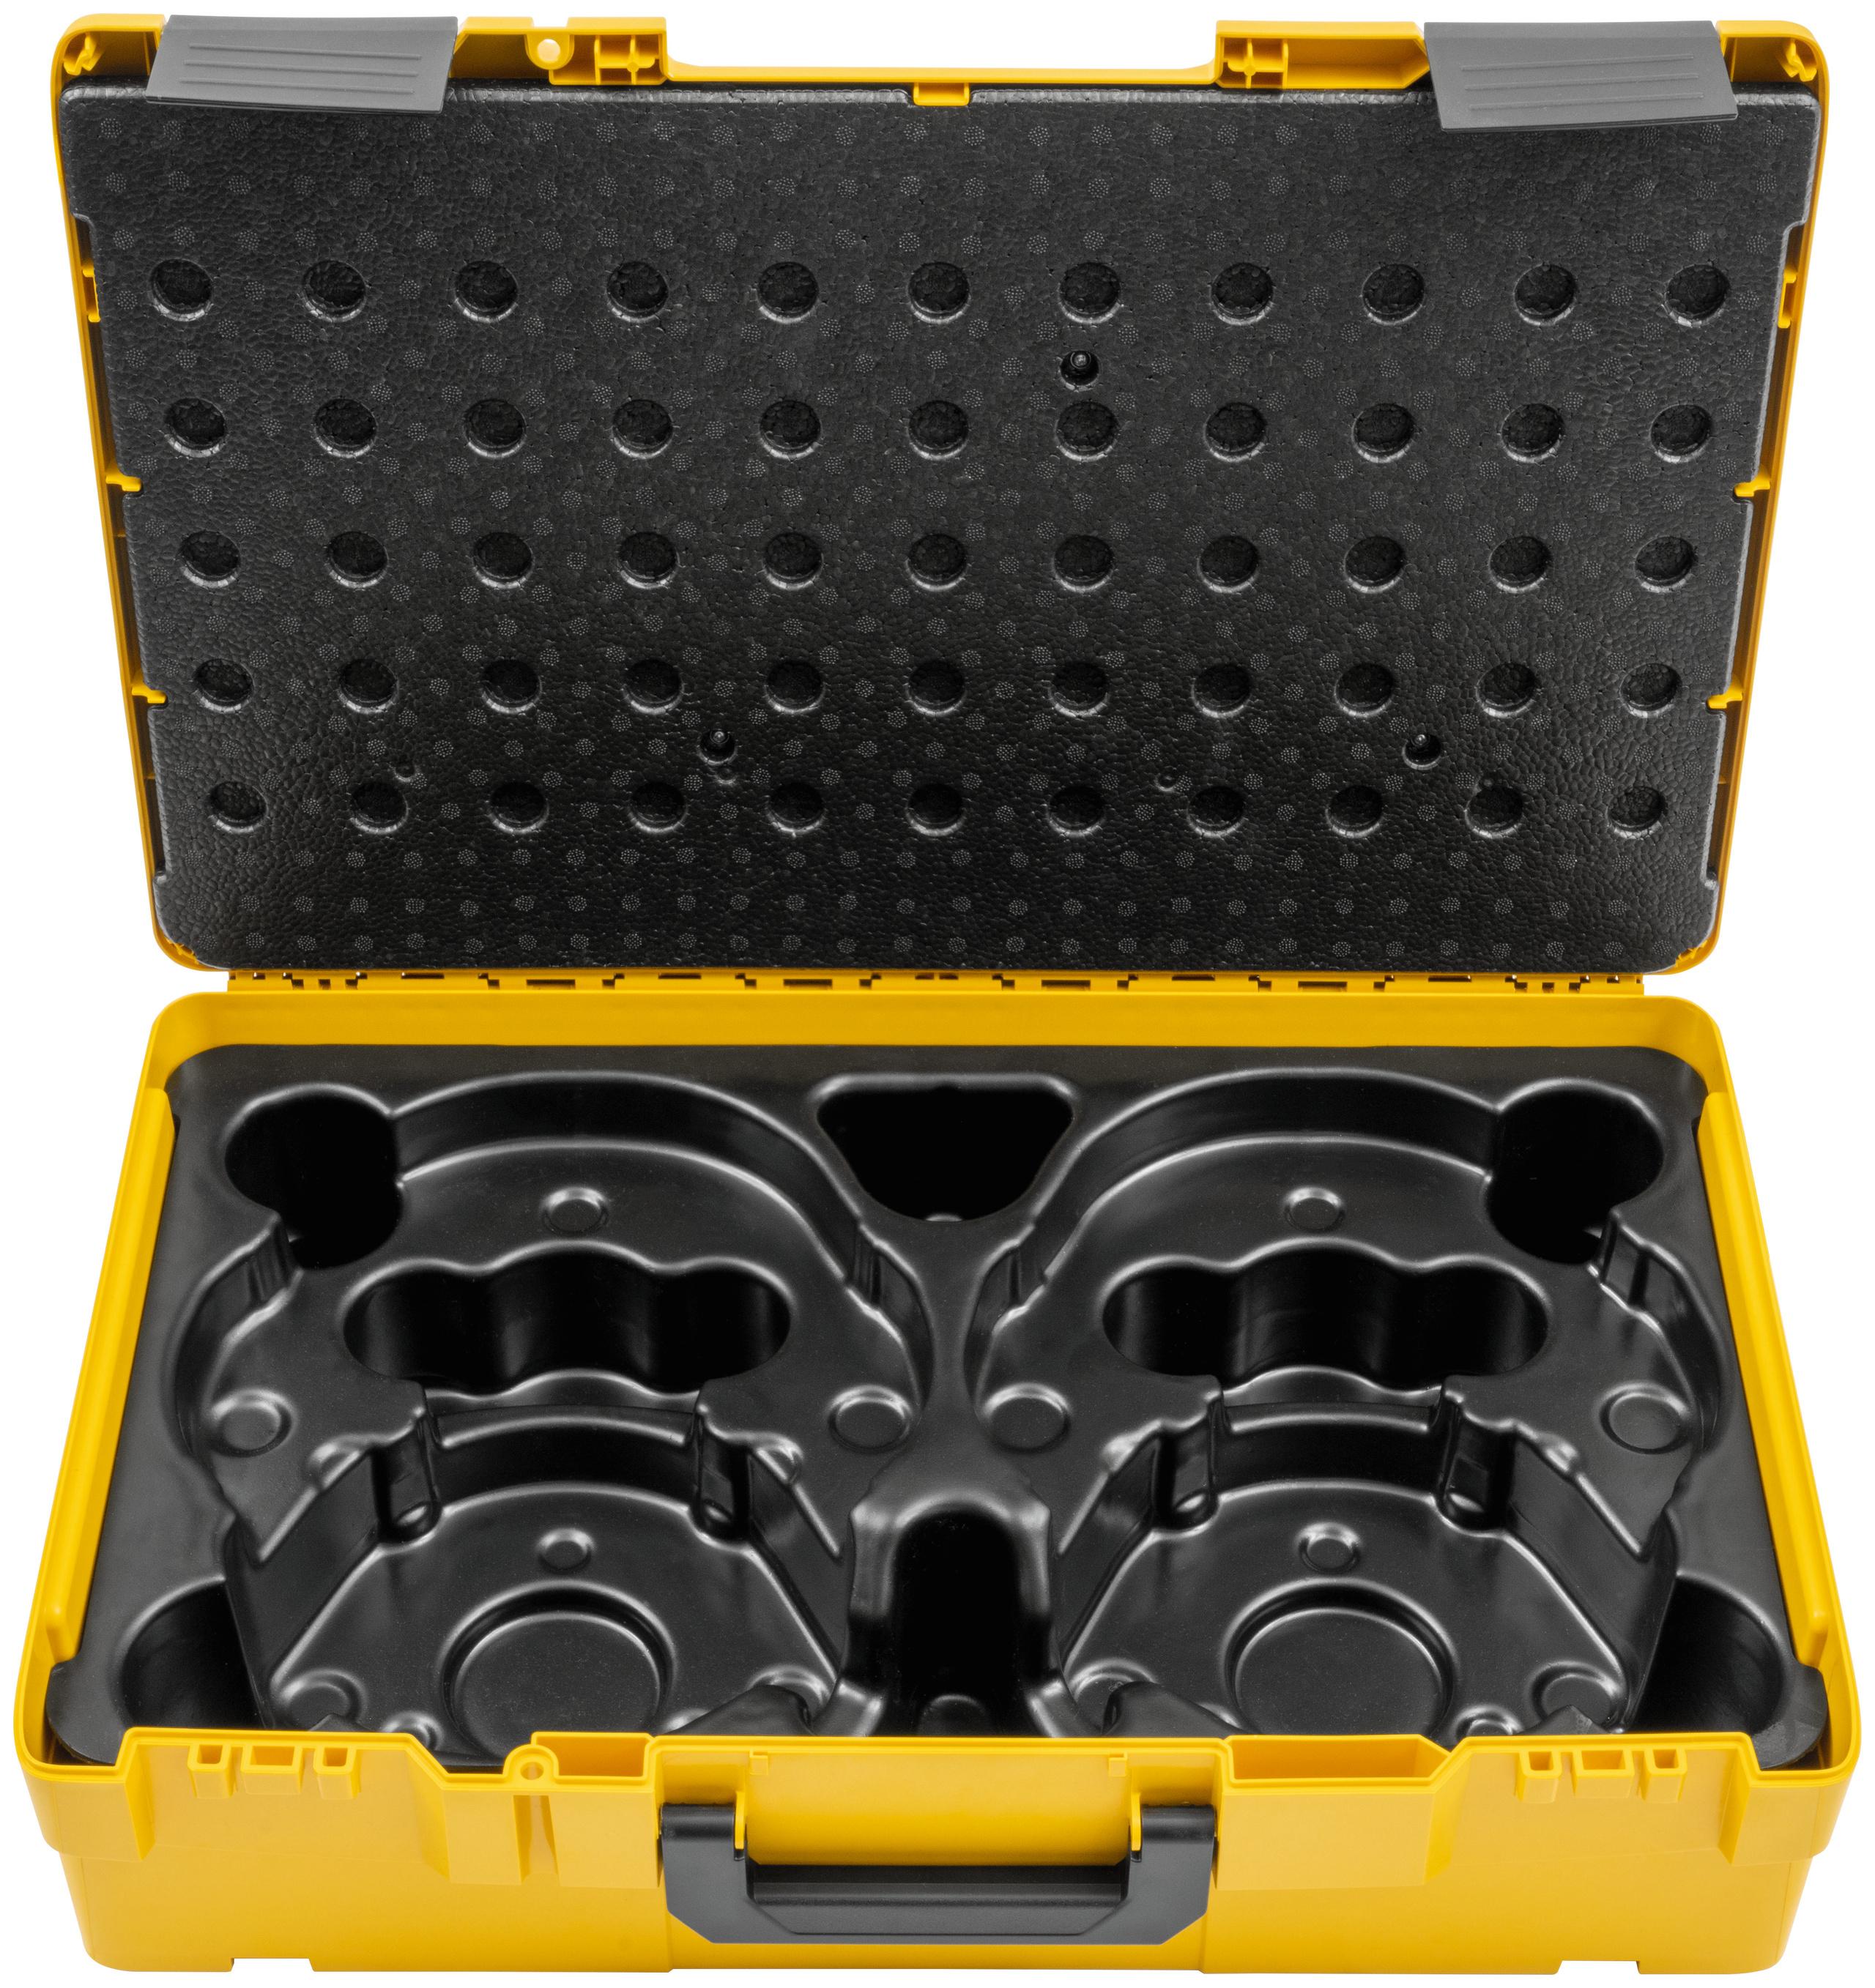 <br/>XL-Boxx PR XL 64-108 (PR-3S)